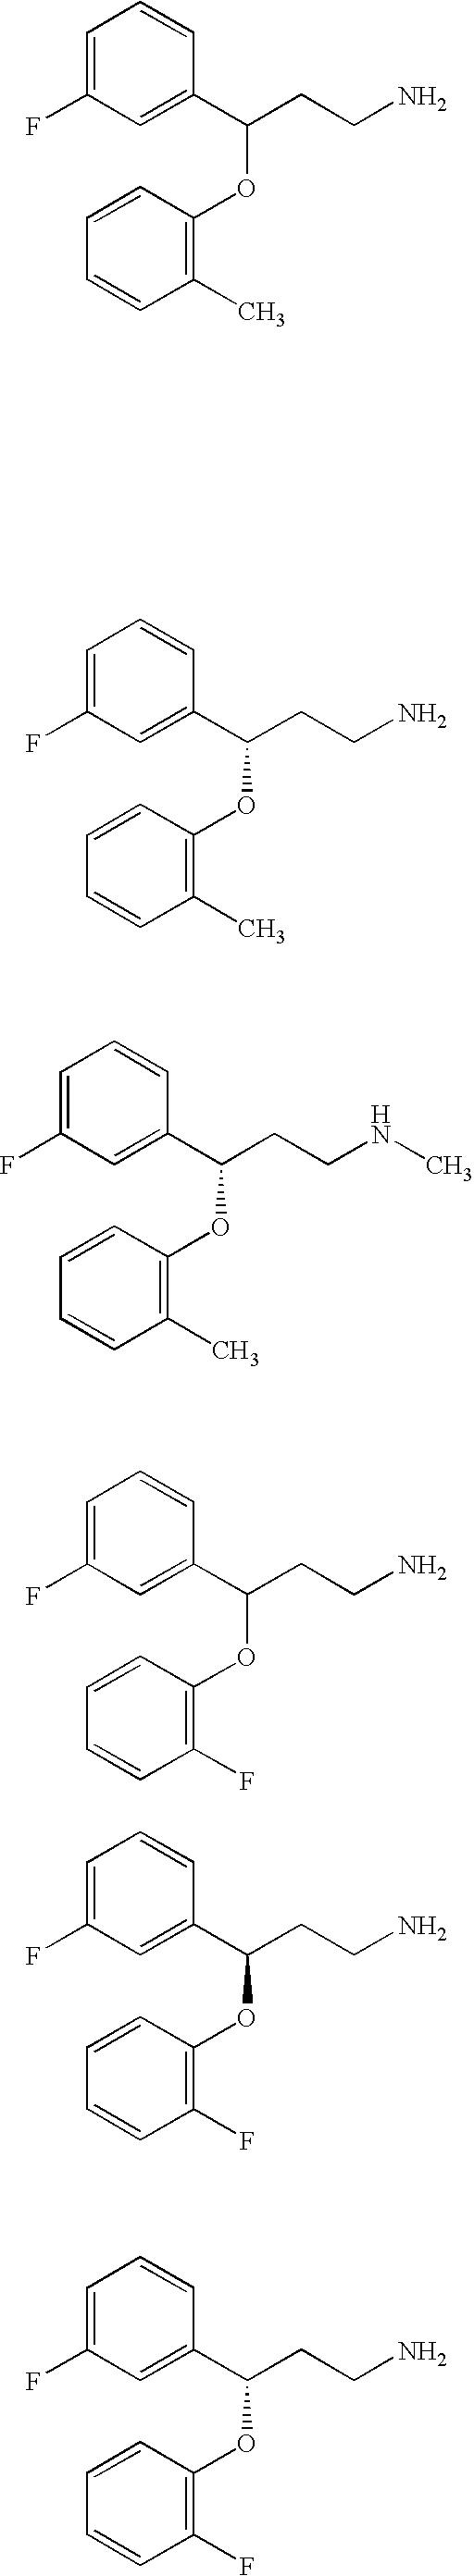 Figure US20050282859A1-20051222-C00013